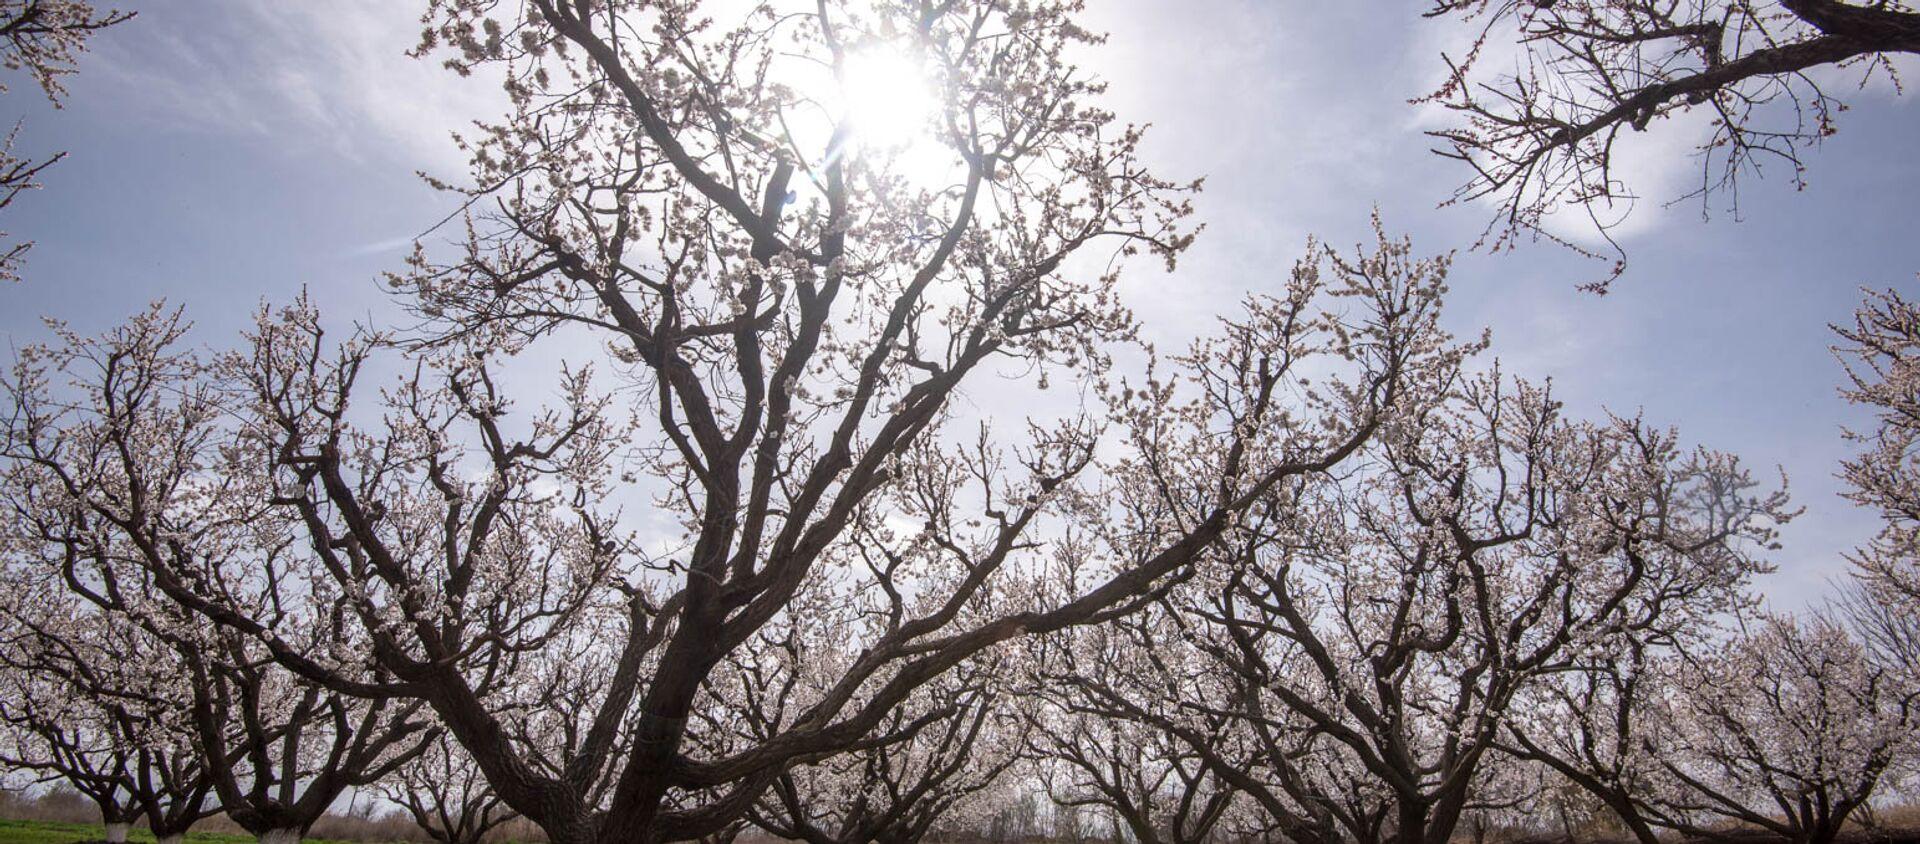 Весна в селе Джанфида, Армавир - Sputnik Армения, 1920, 20.03.2021